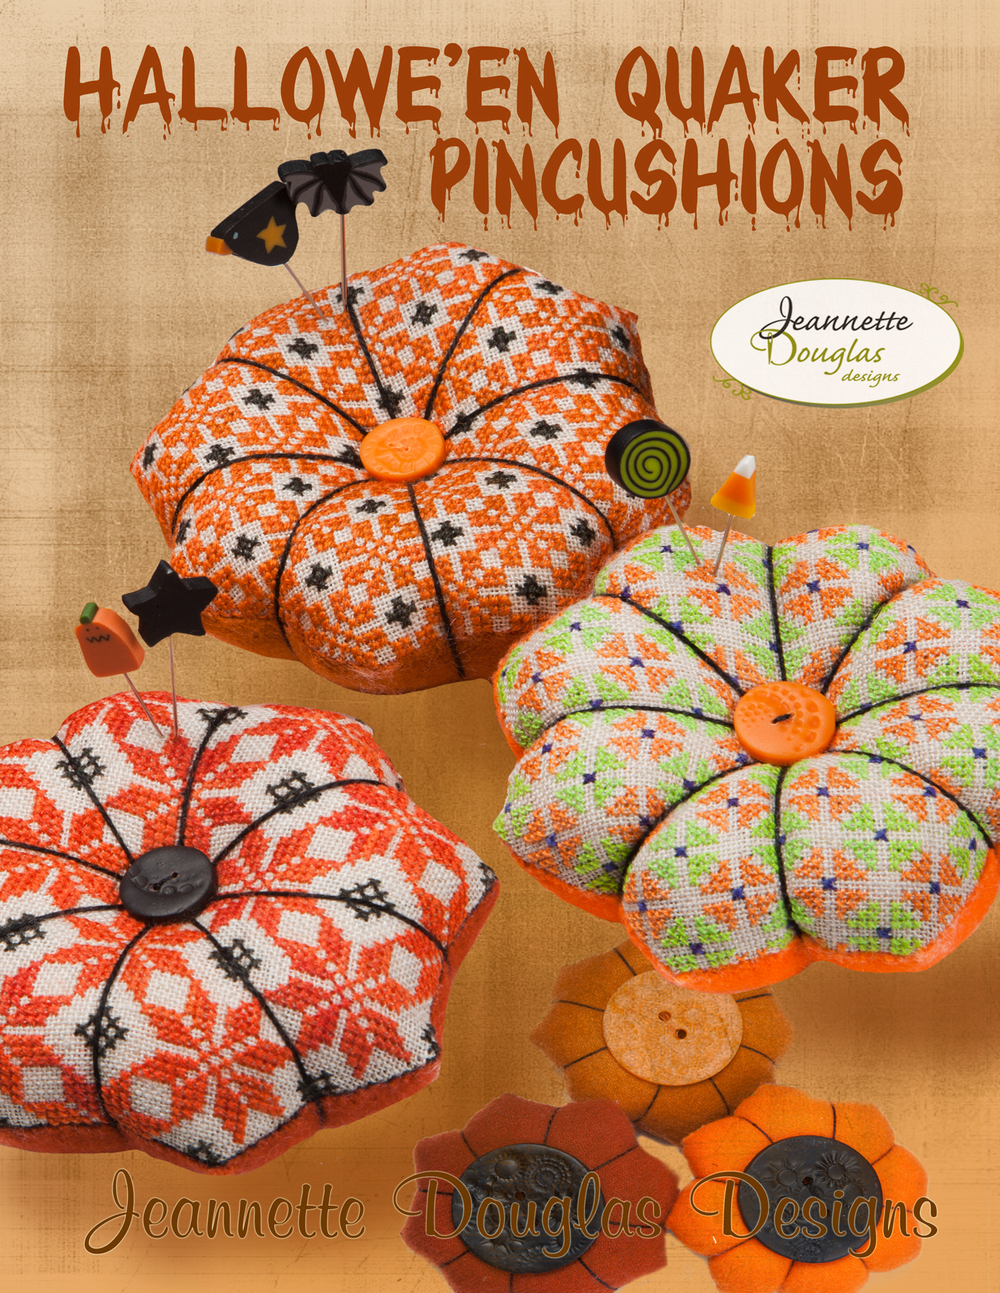 Halloween-Quaker-Pincushions-cover_1-web.jpg